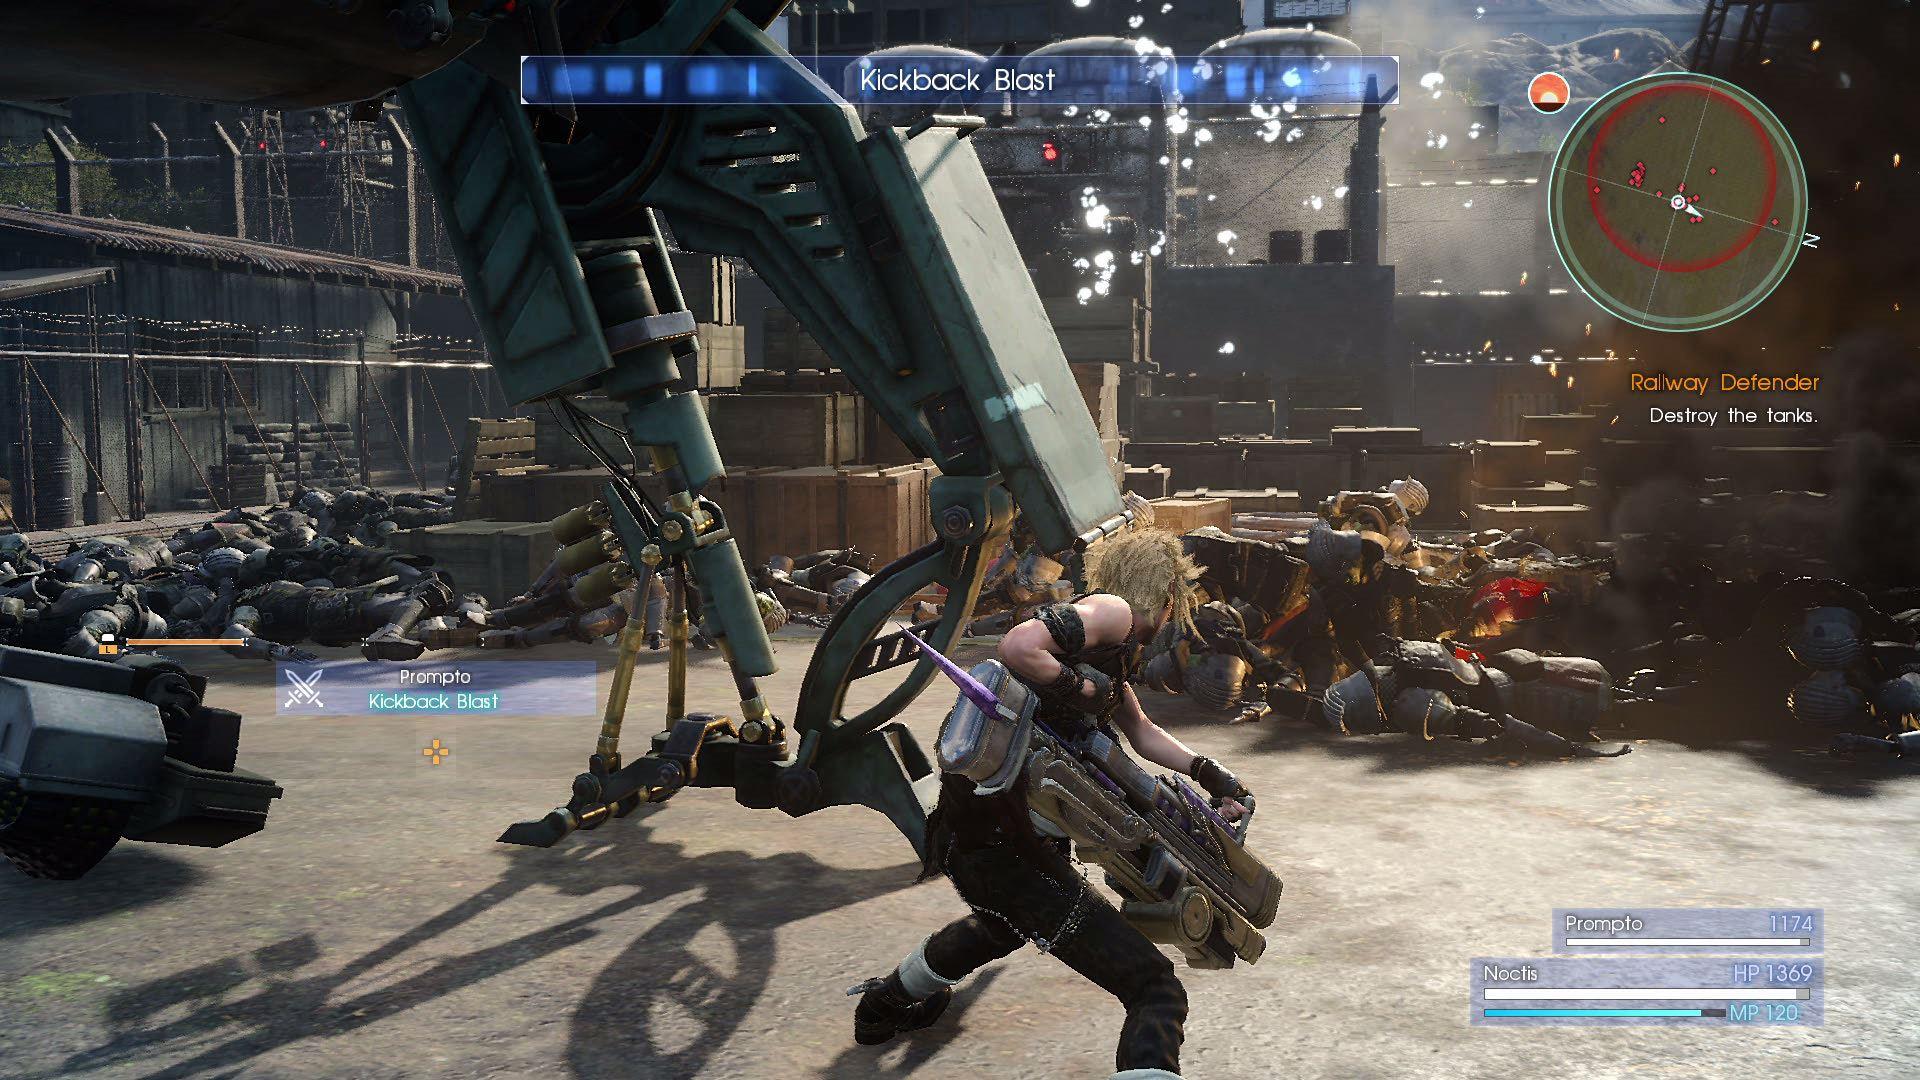 Hasil gambar untuk gambar game final fantasy XV